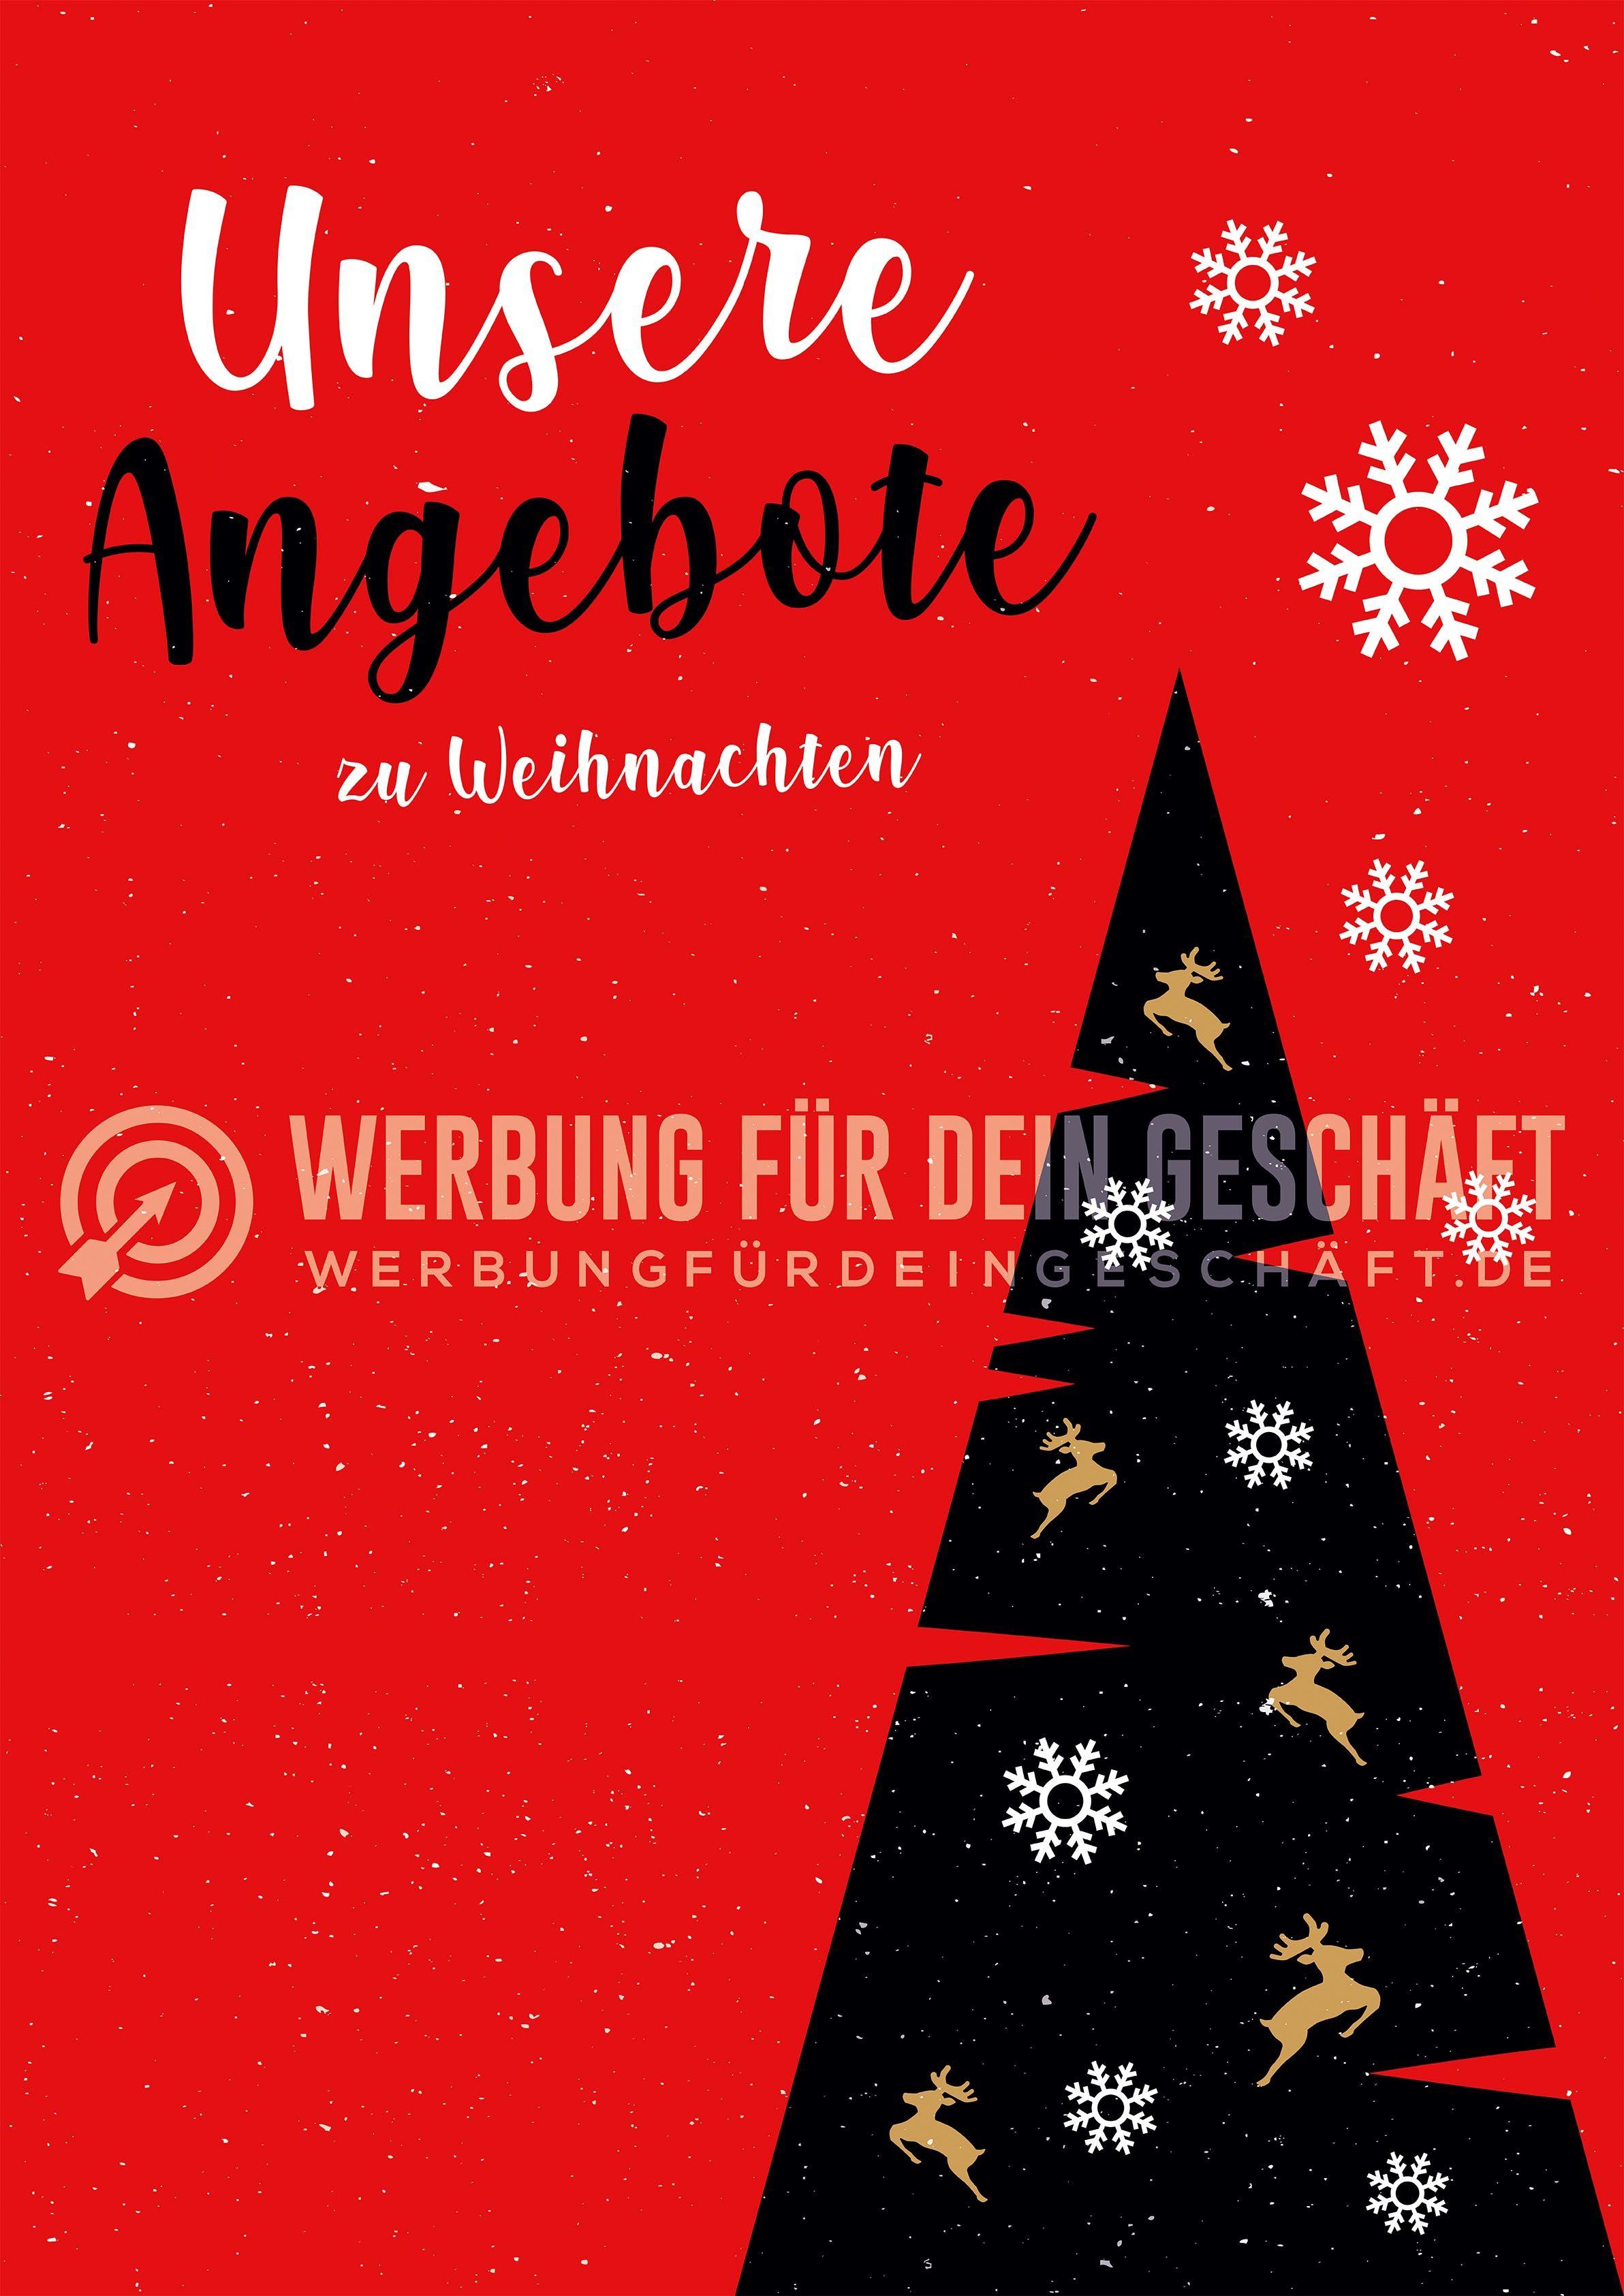 Werbeplakat Plakat Weihnachten Plakat Mode macht glücklich